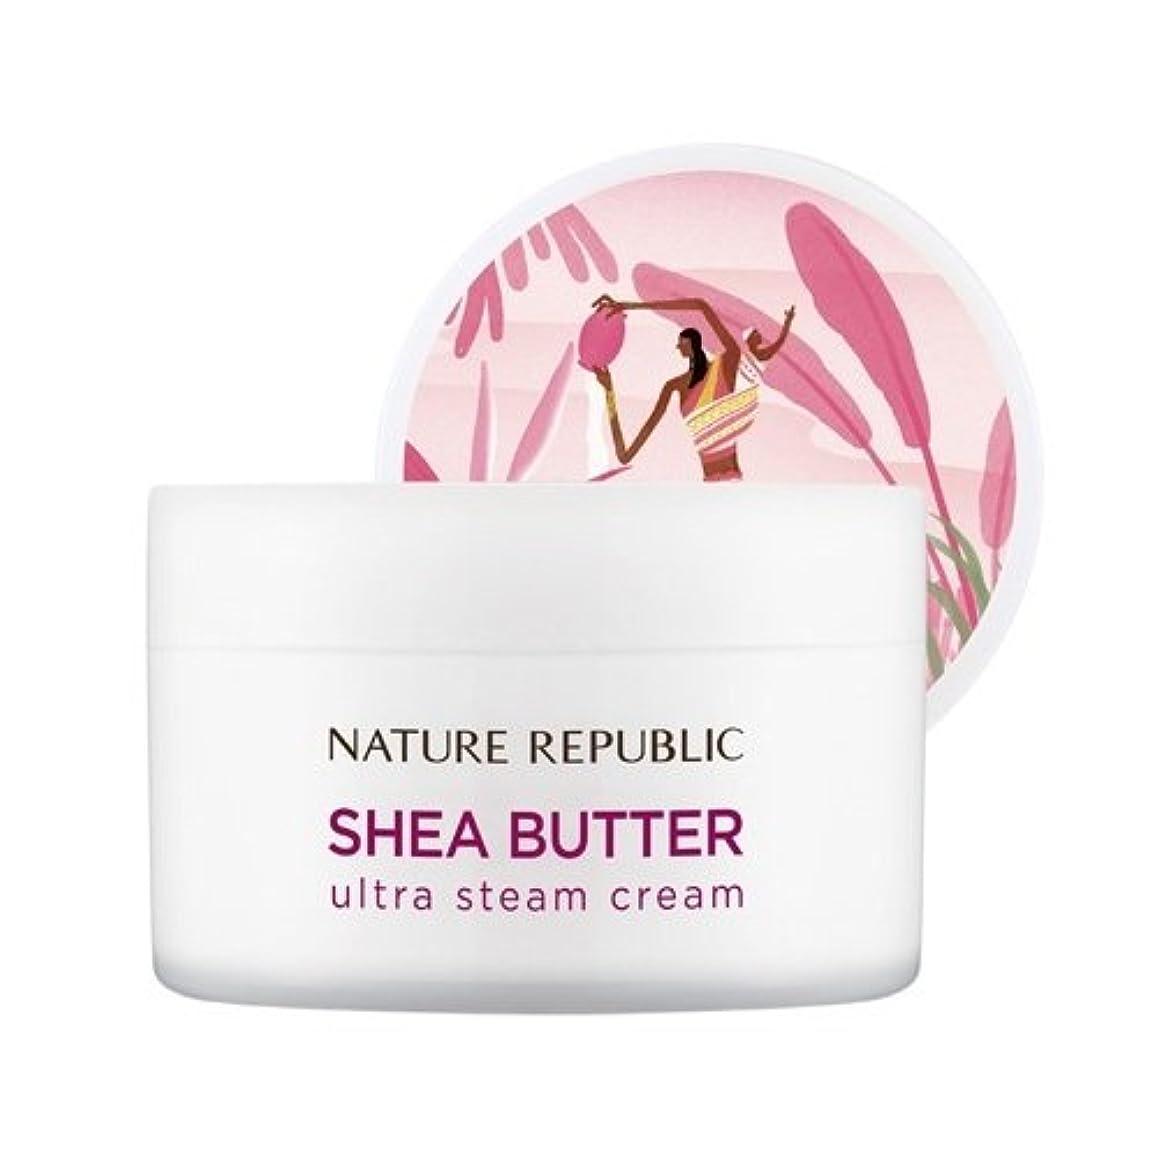 モス欠乏ヒロインNATURE REPUBLIC(ネイチャーリパブリック) SHEA BUTTER STEAM CREAM シアバター スチーム クリーム #ウルトラ極乾燥肌